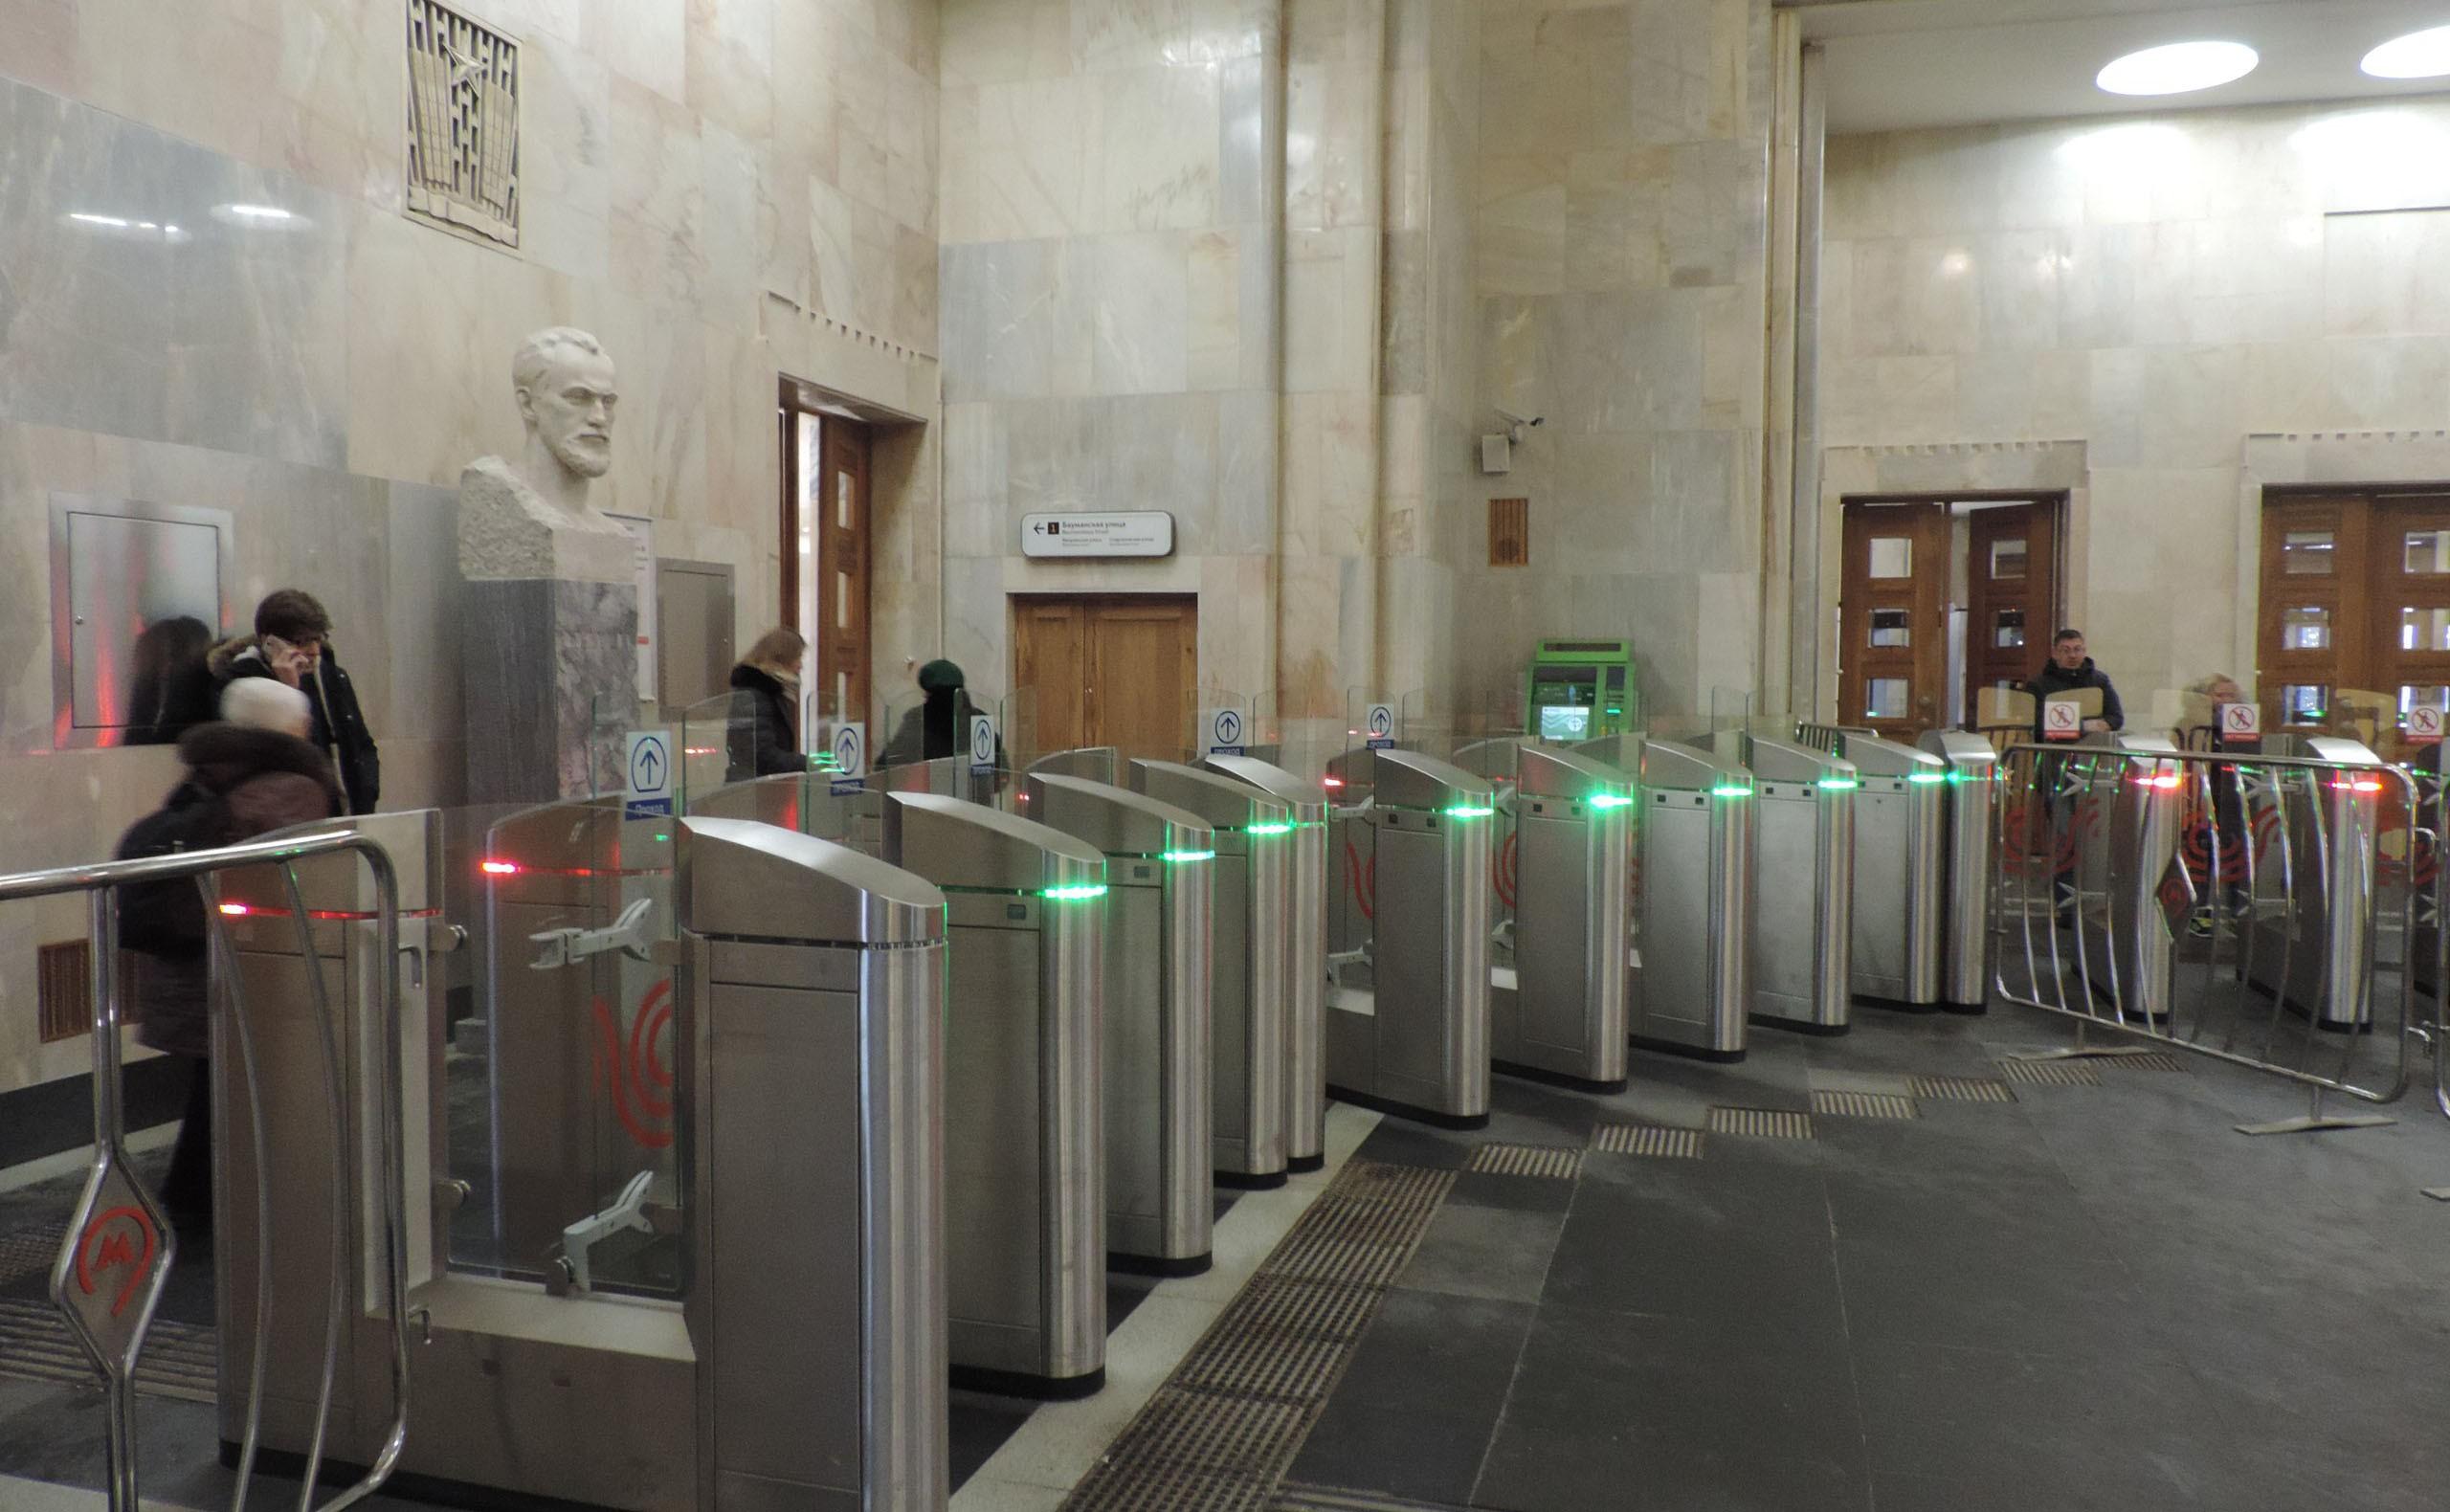 В московском метро за лето заменят устаревшие турникеты на новые